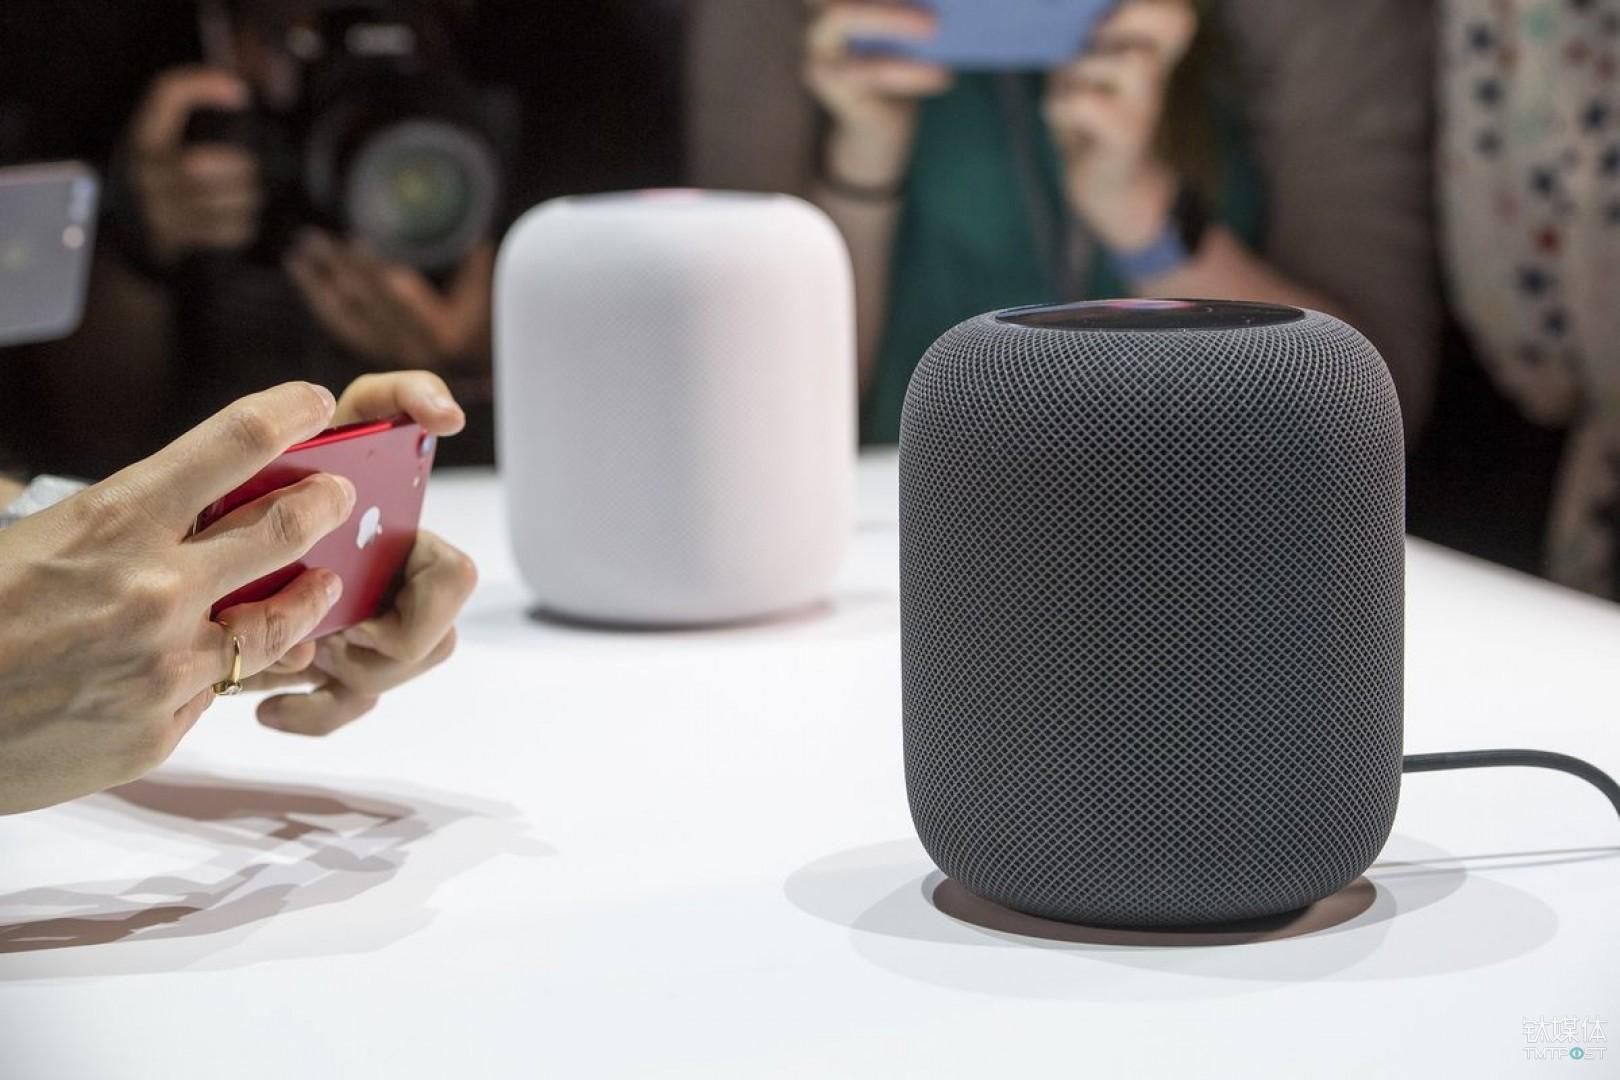 传说已久的苹果 HomePod 问世,智能音箱的选手已悉数到场-钛媒体官方网站